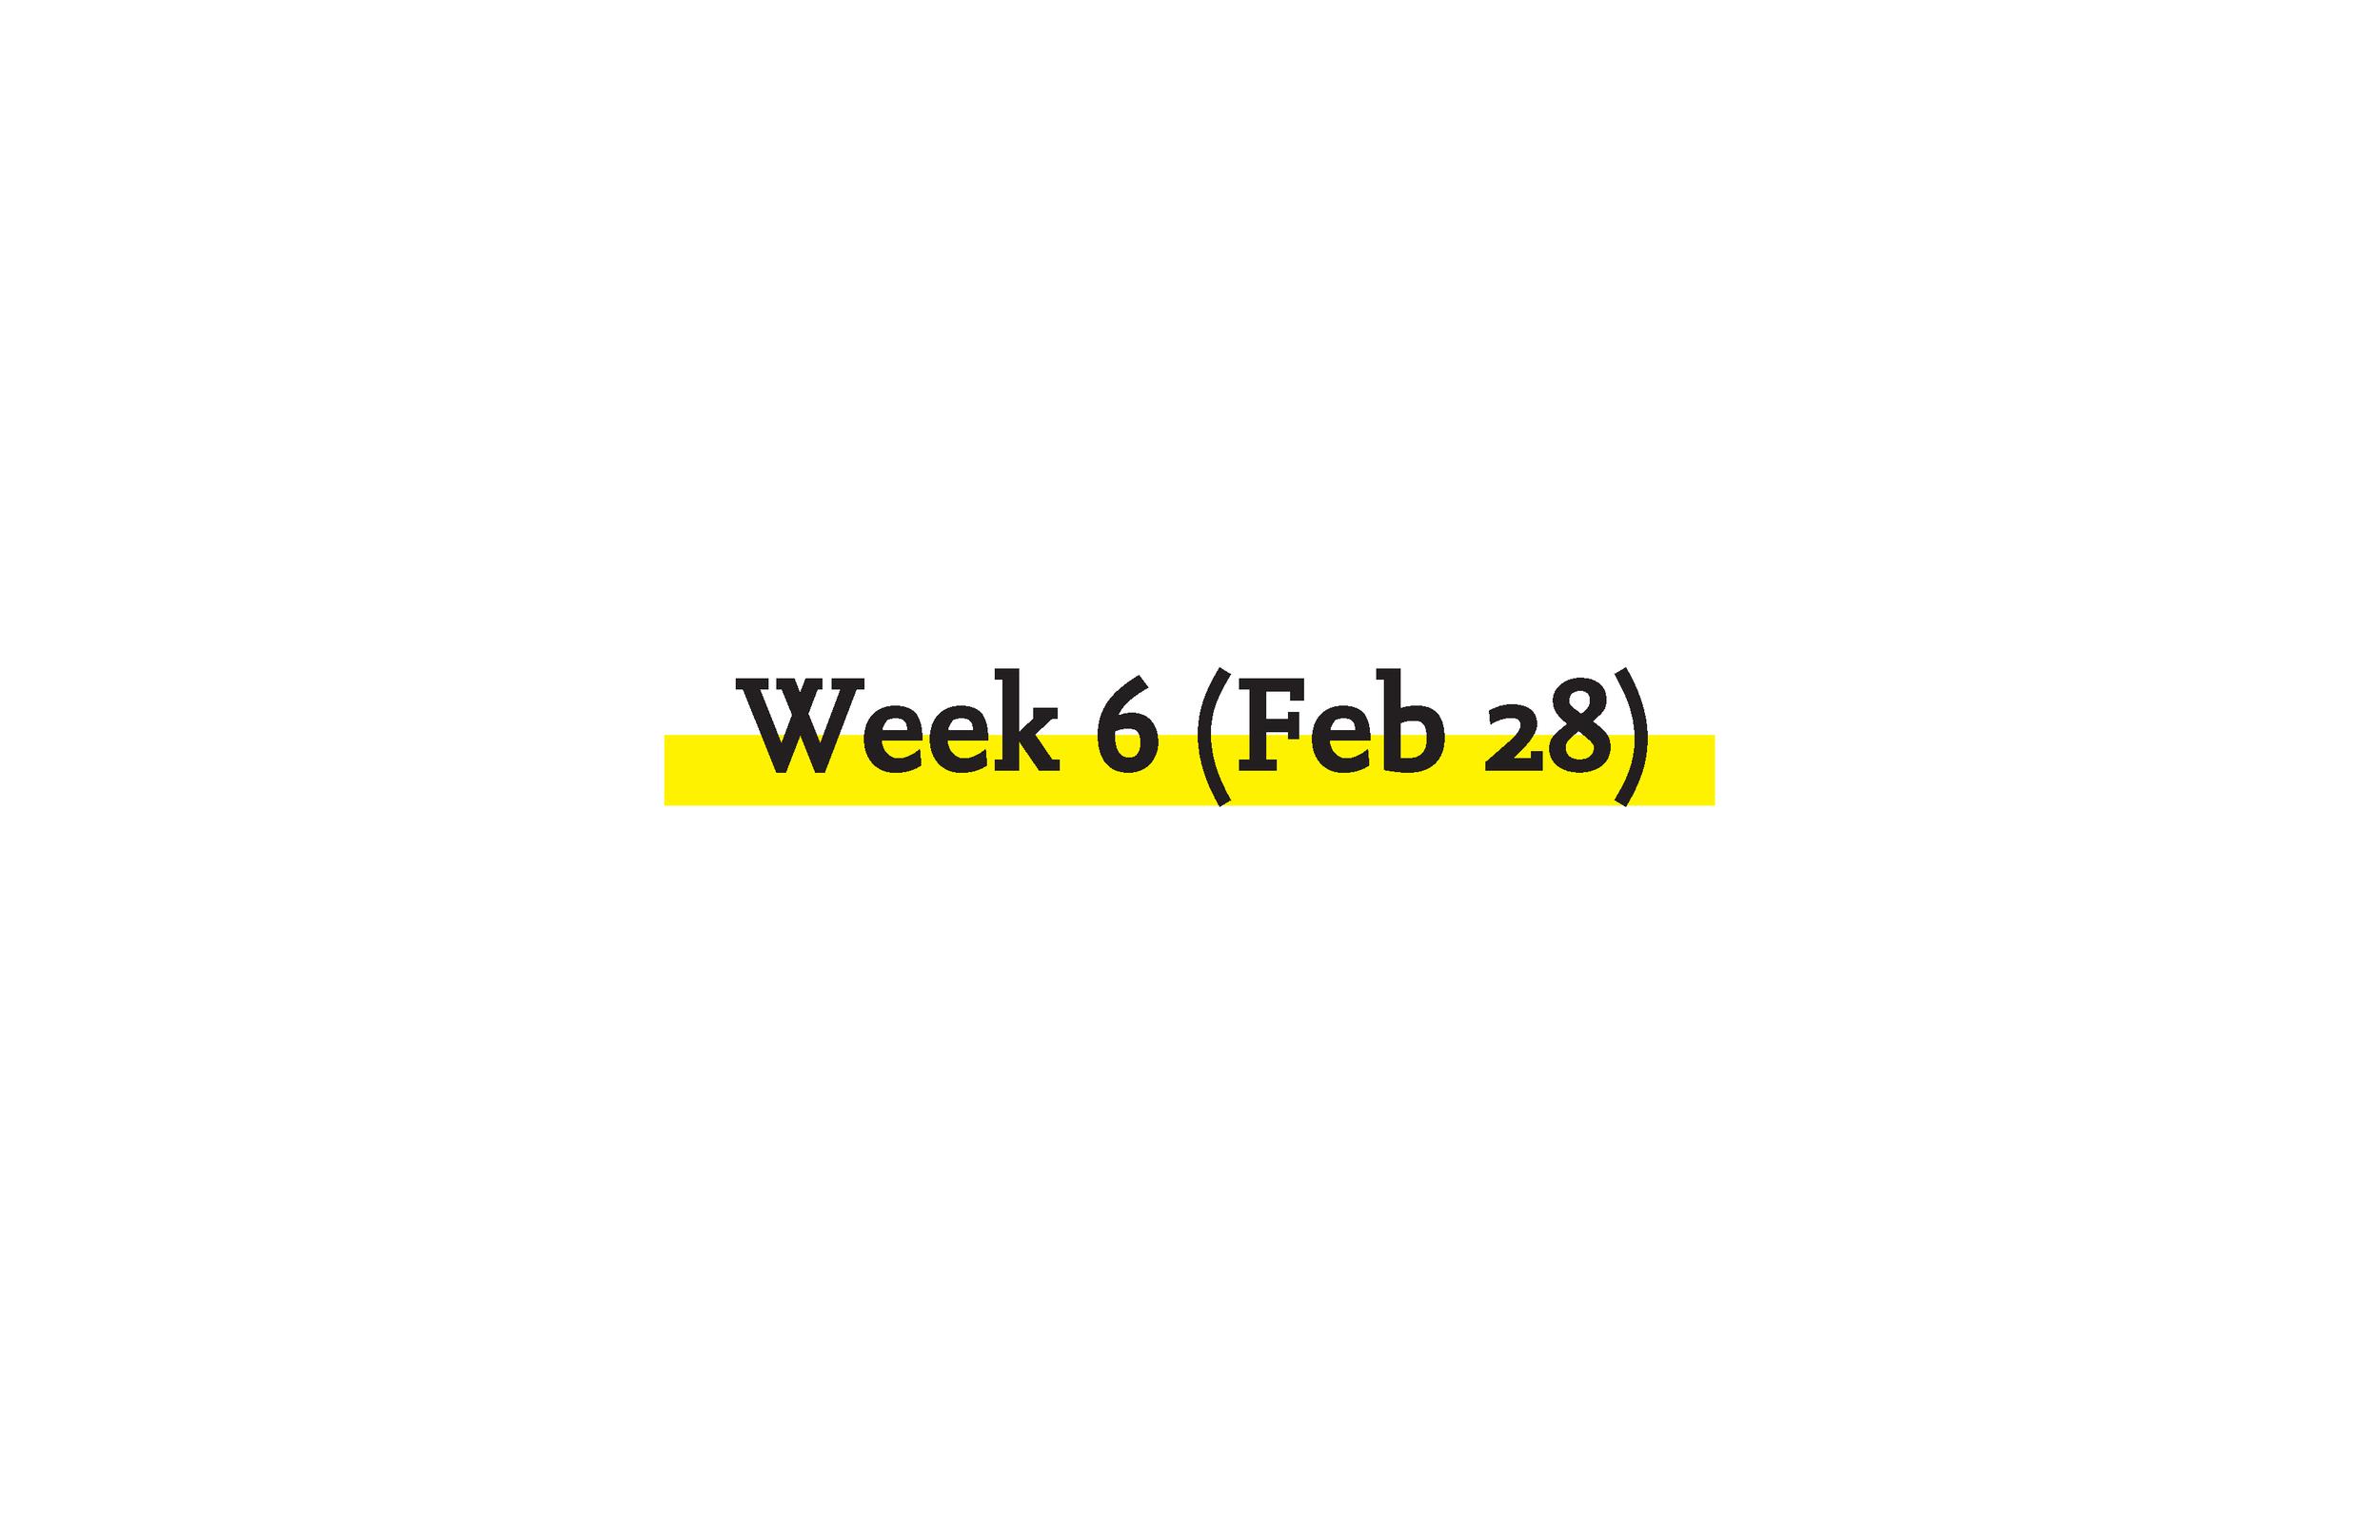 PEM_S19_Week_5_2_Page_17.png